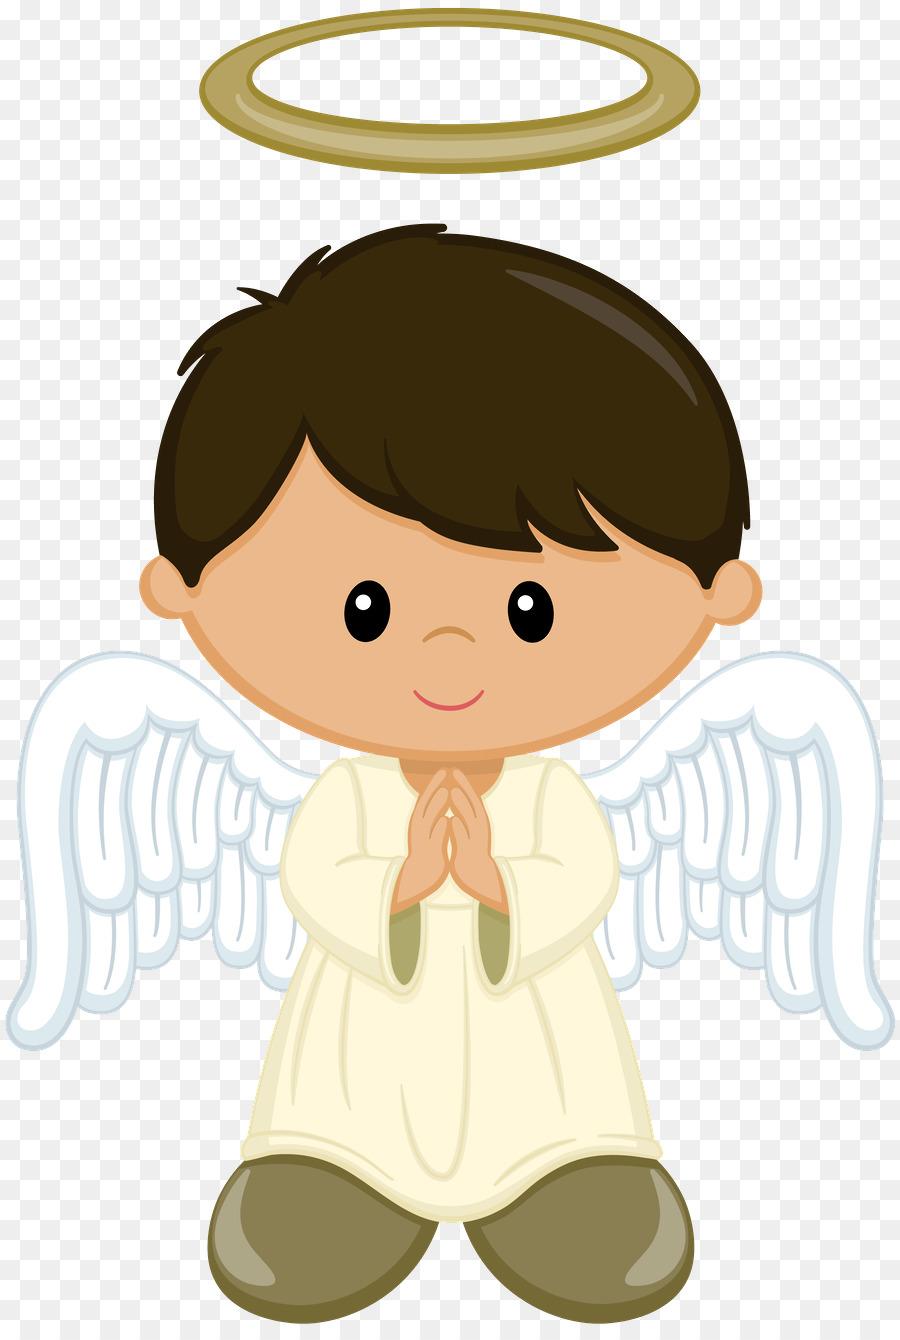 angel clipart boy - HD896×1322